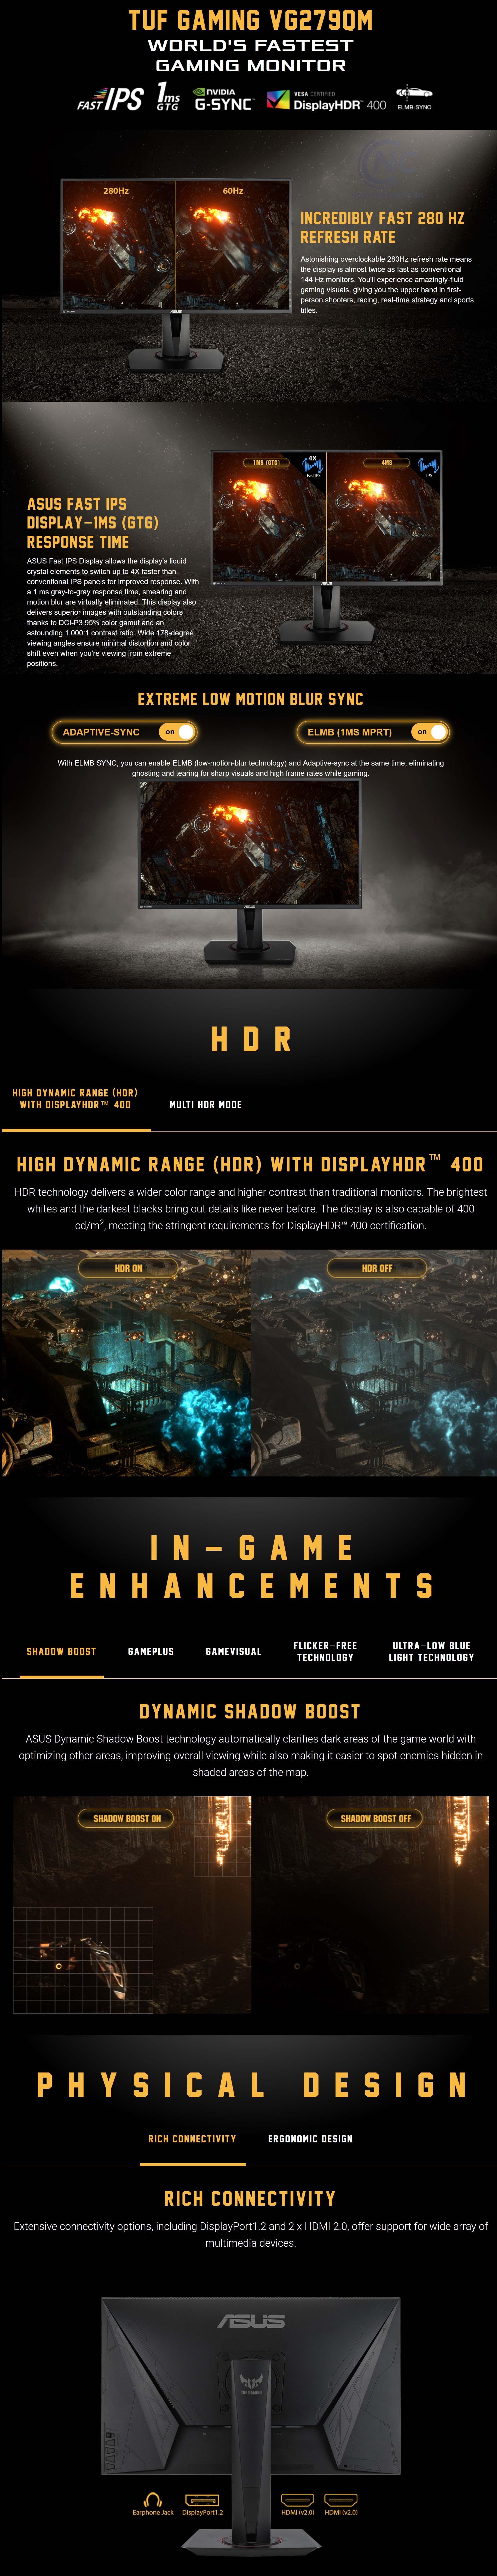 Màn hình ASUS TUF Gaming VG279QM